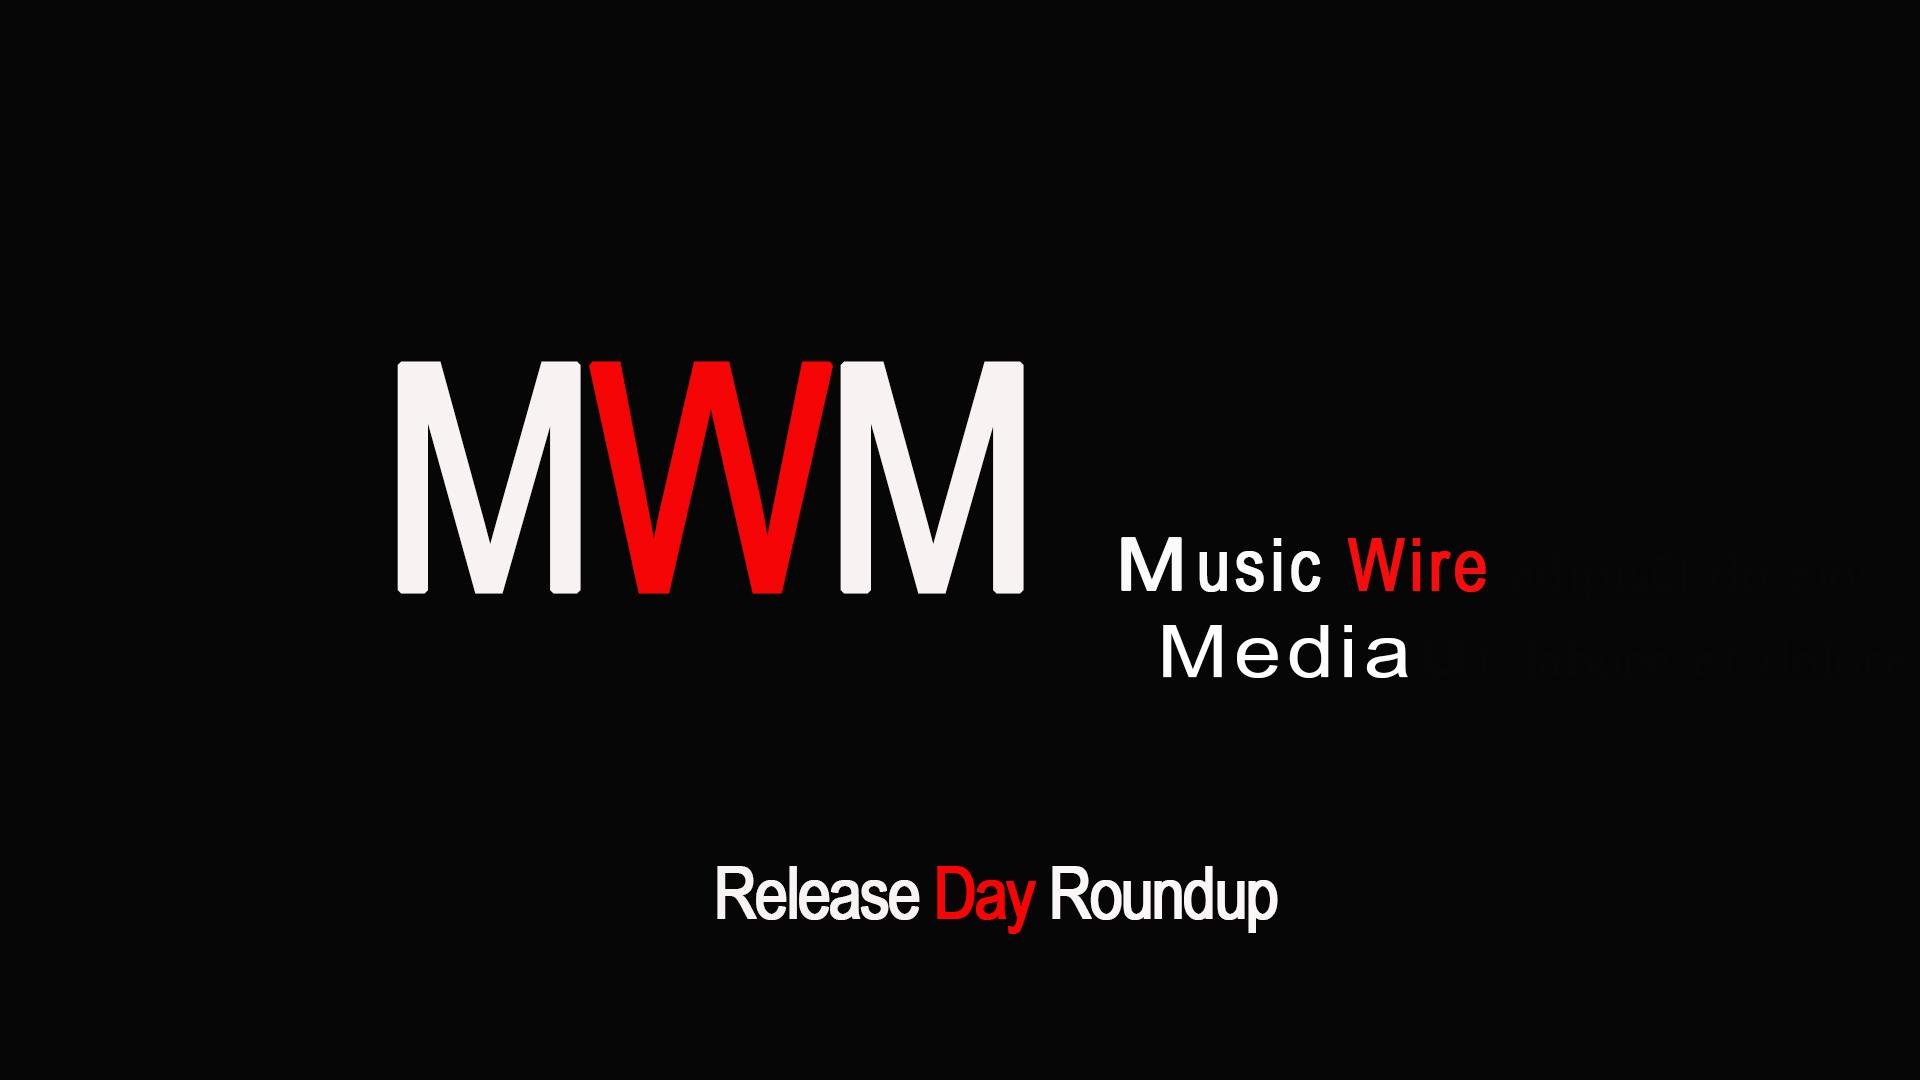 MusicWireMediaRoundup.jpg